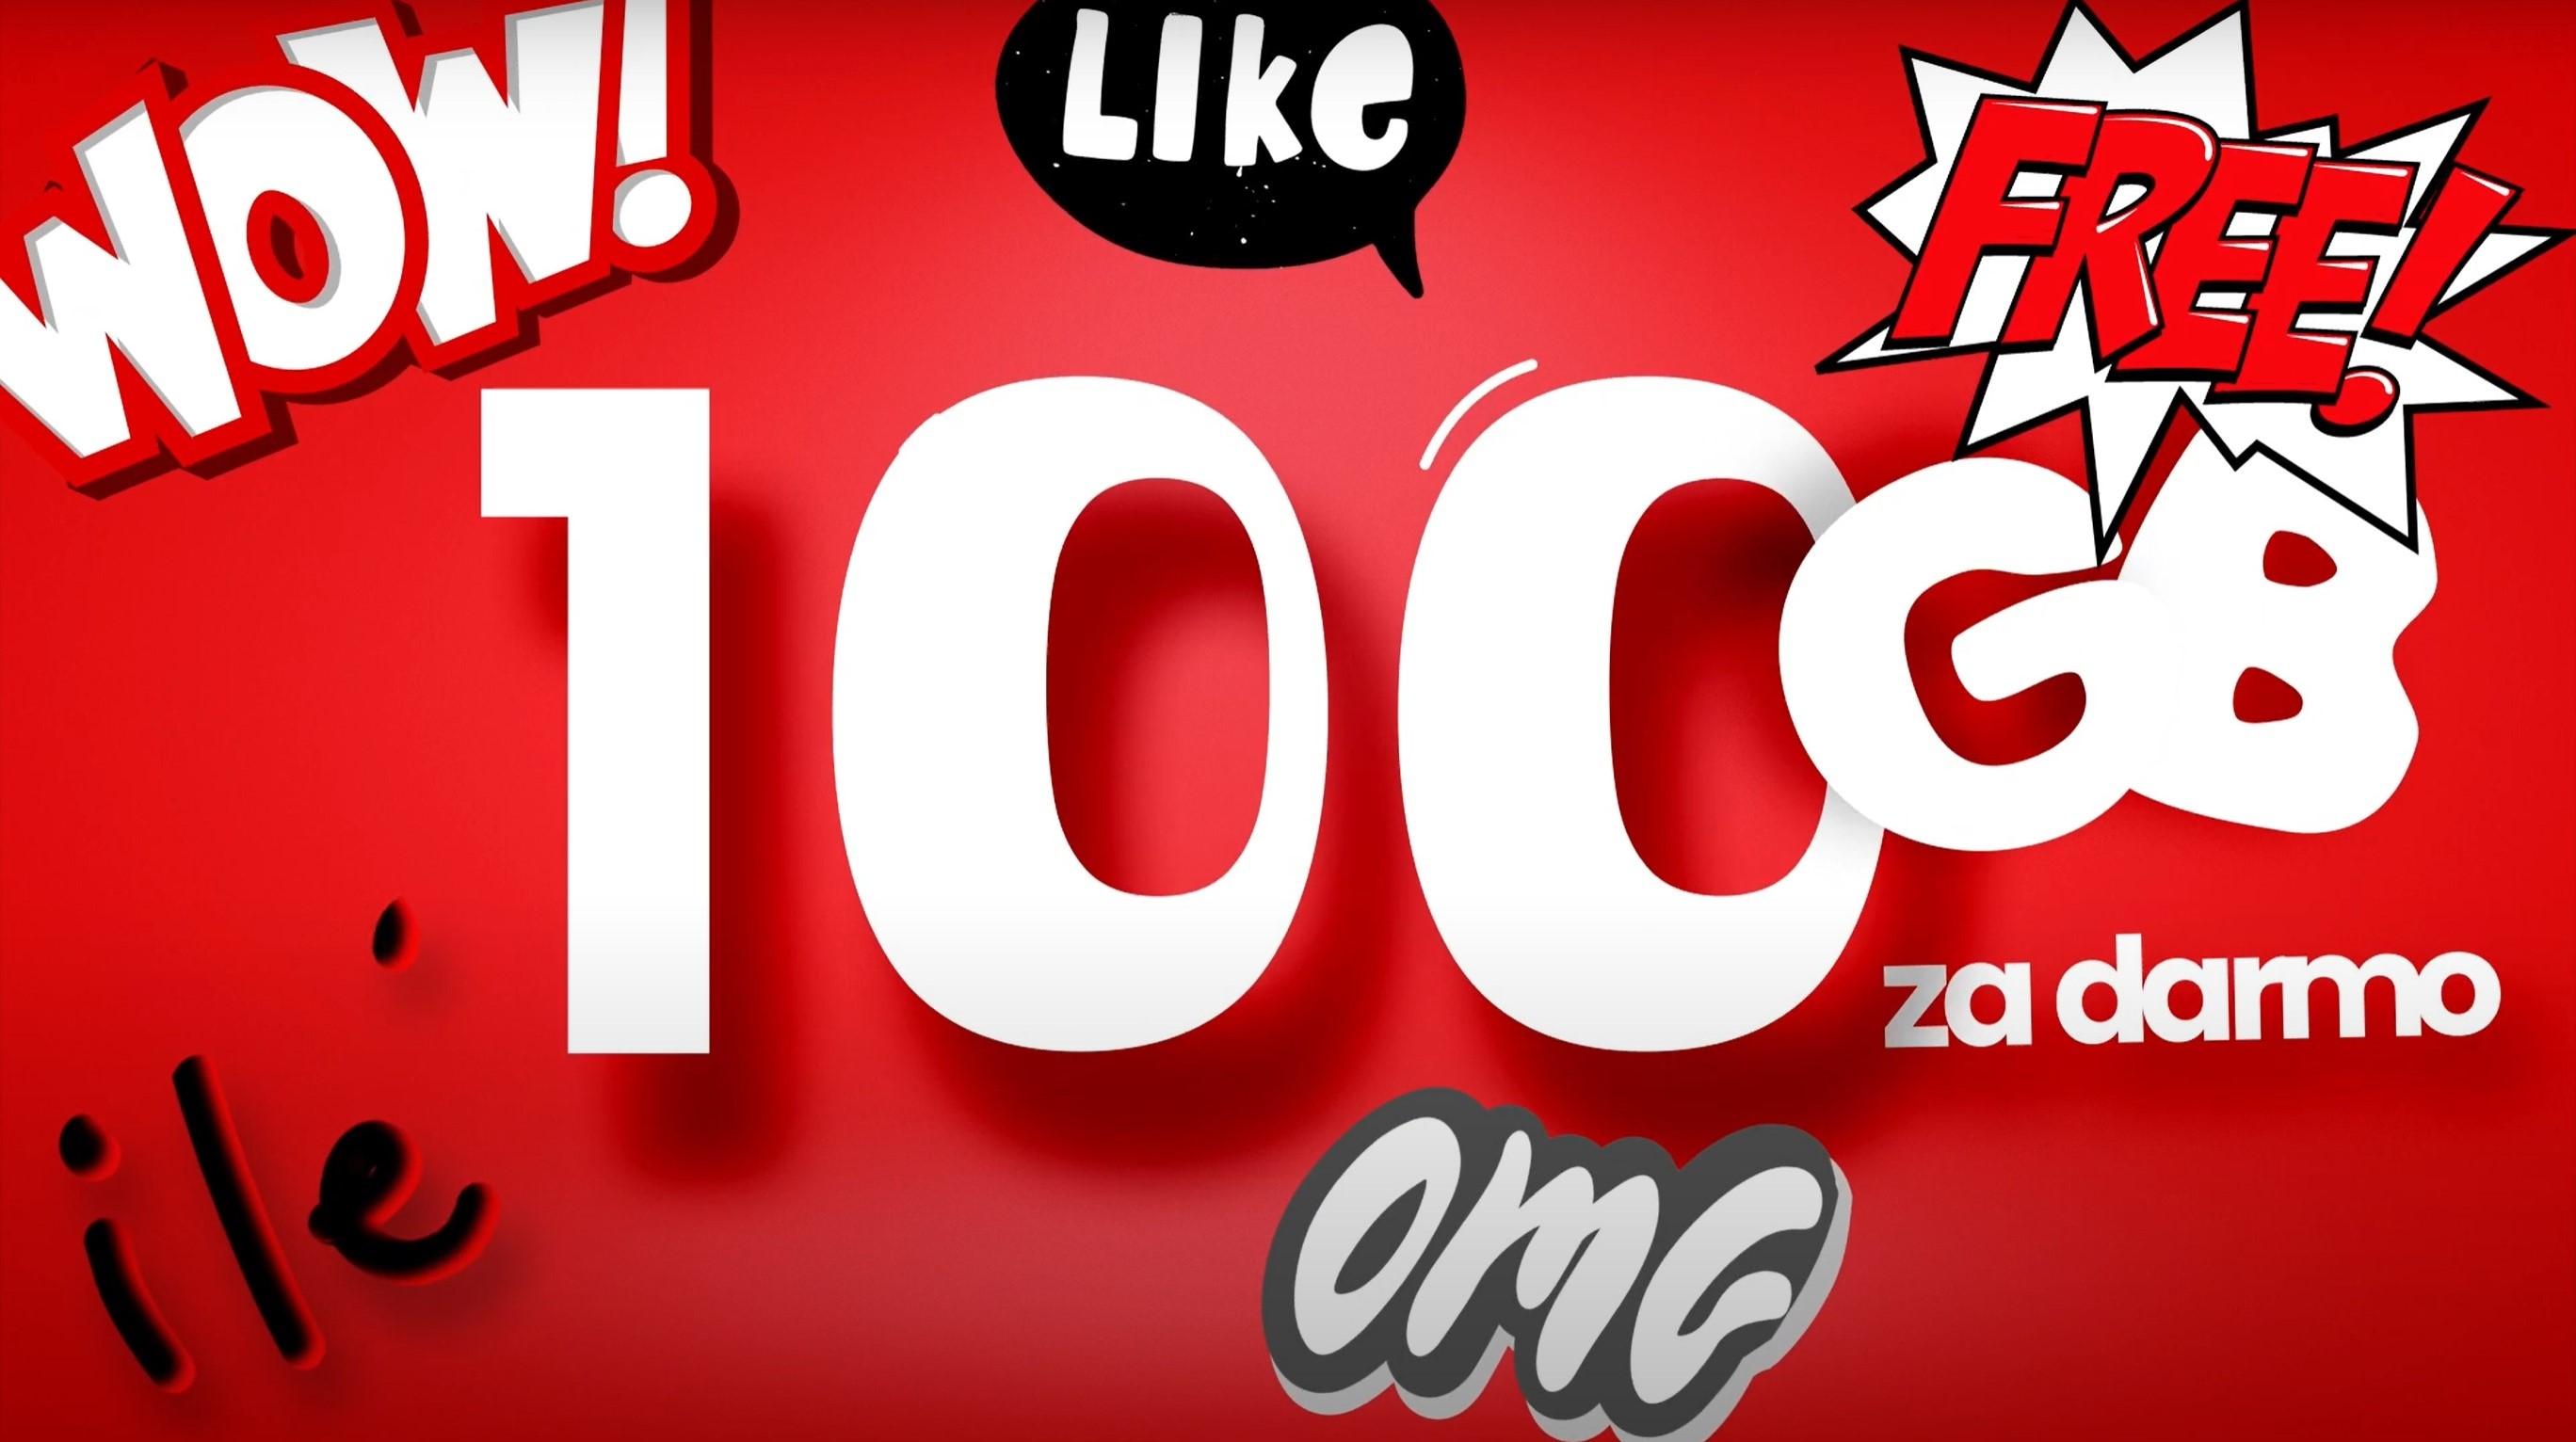 Virgin Mobile pakiet 100 GB za darmo